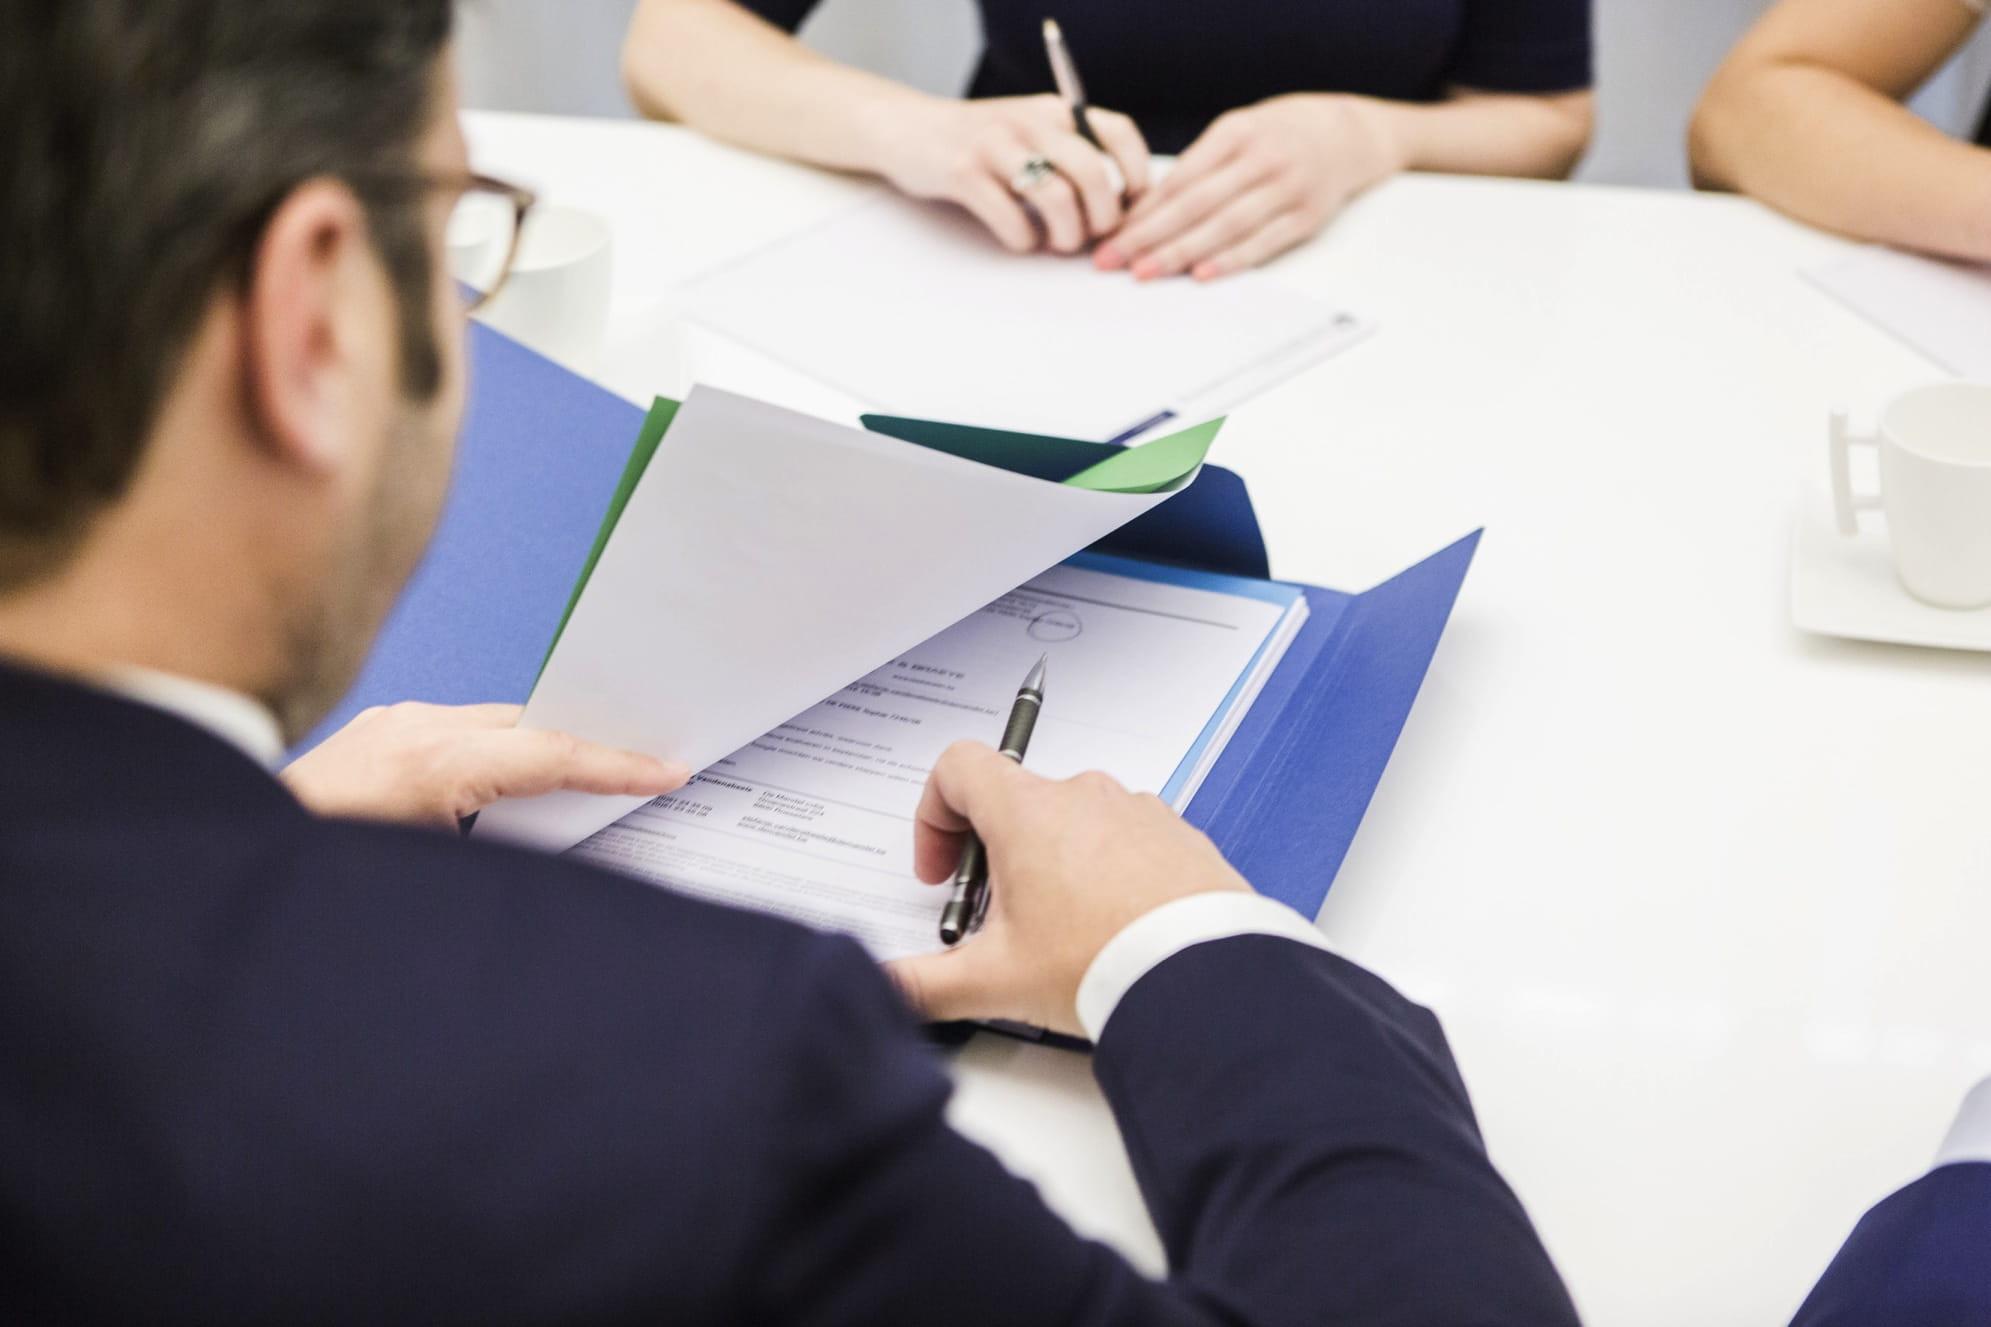 Advocatenkantoor in Roeselare en Waregem bestaande uit een team gespecialiseerde advocaten. Ontdek onze kernexpertises en neem vrijblijvend contact op voor juridische bijstand.